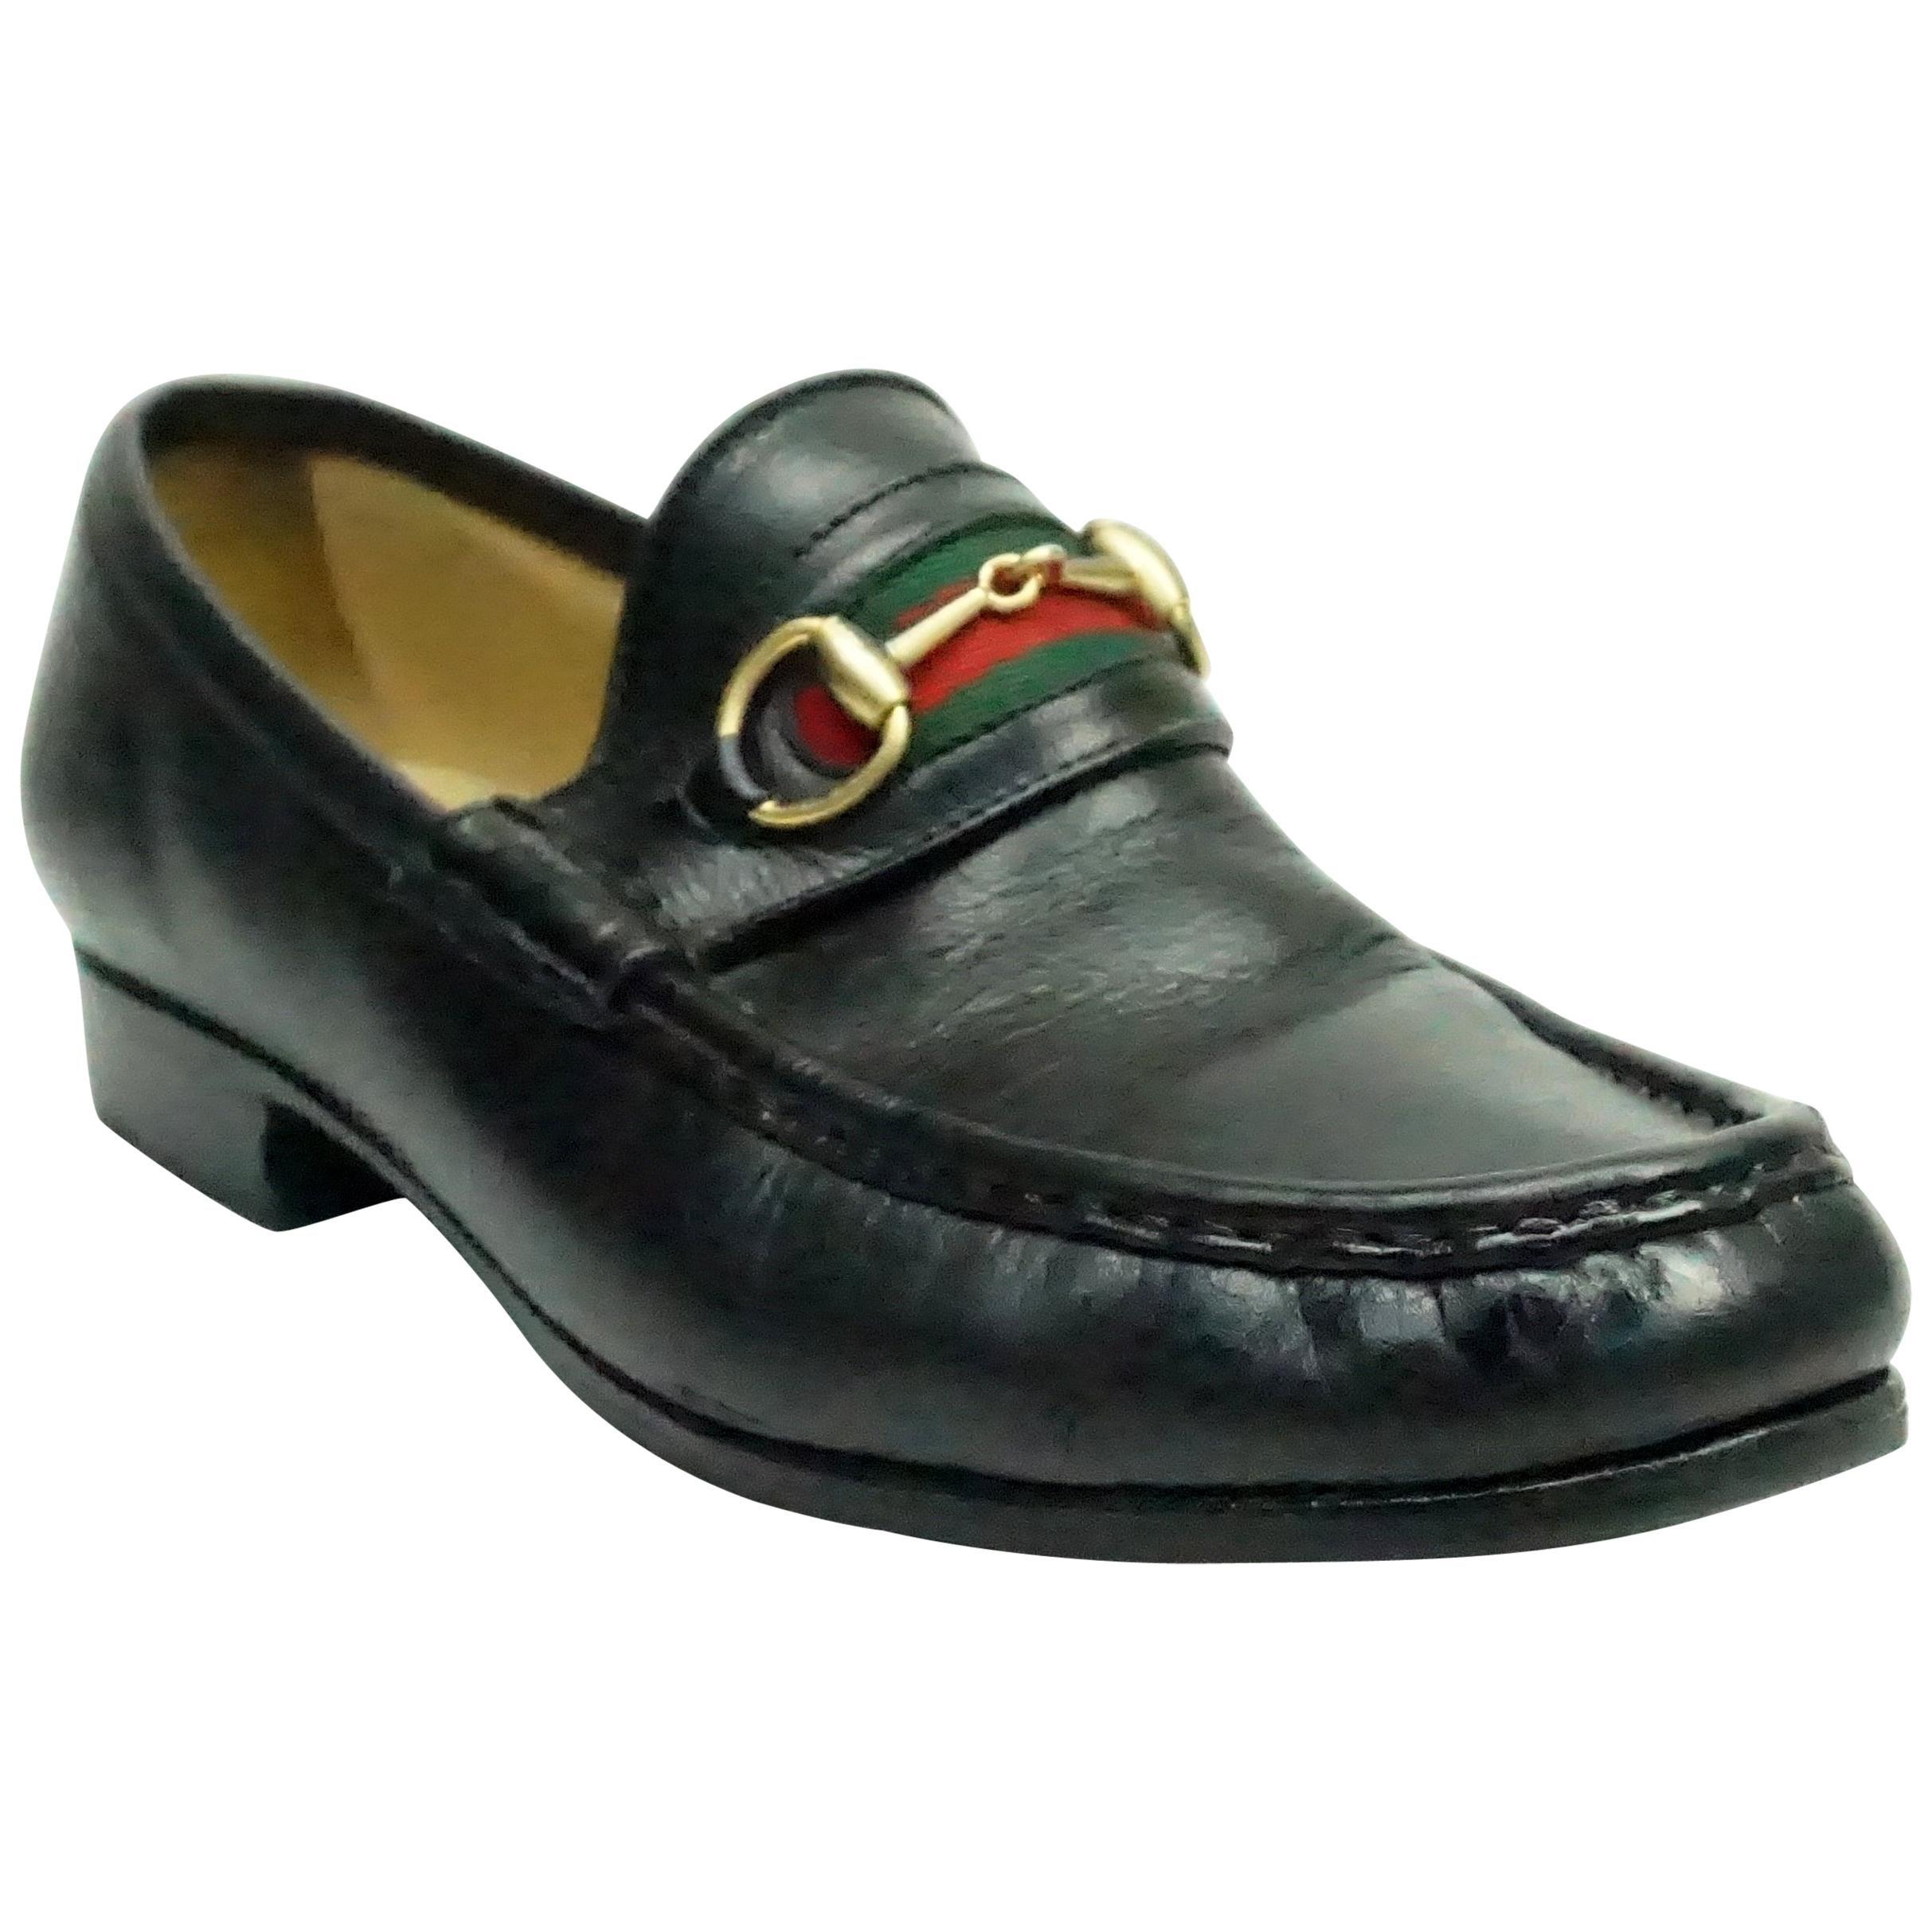 Gucci Vintage Black Leather Loafer w